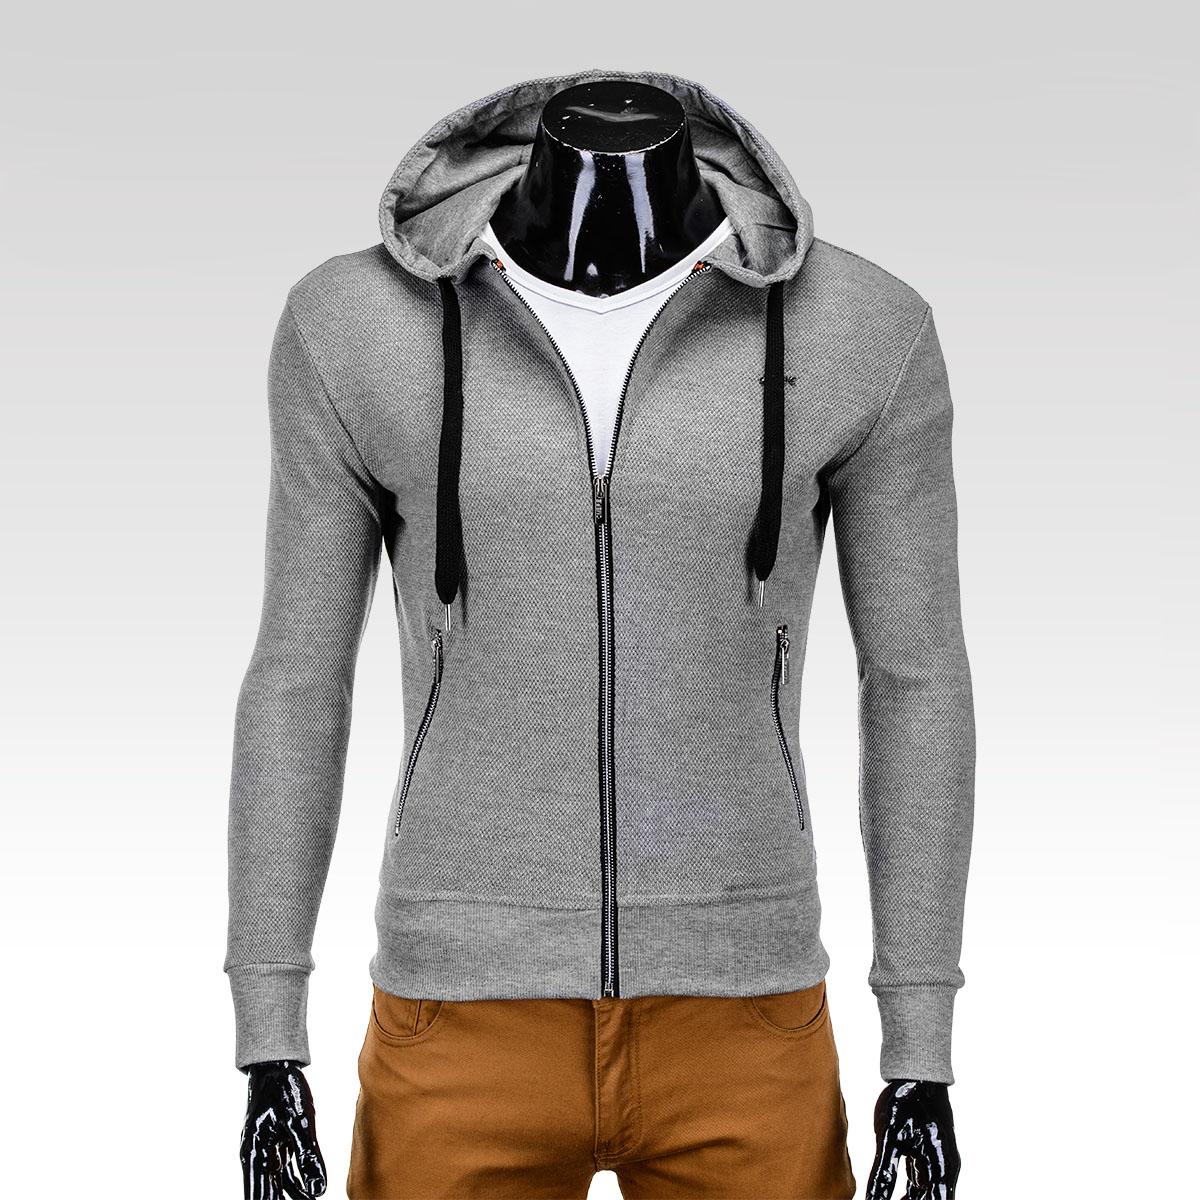 Sportovní trendy šedá pánská mikina Telfer s kapucí